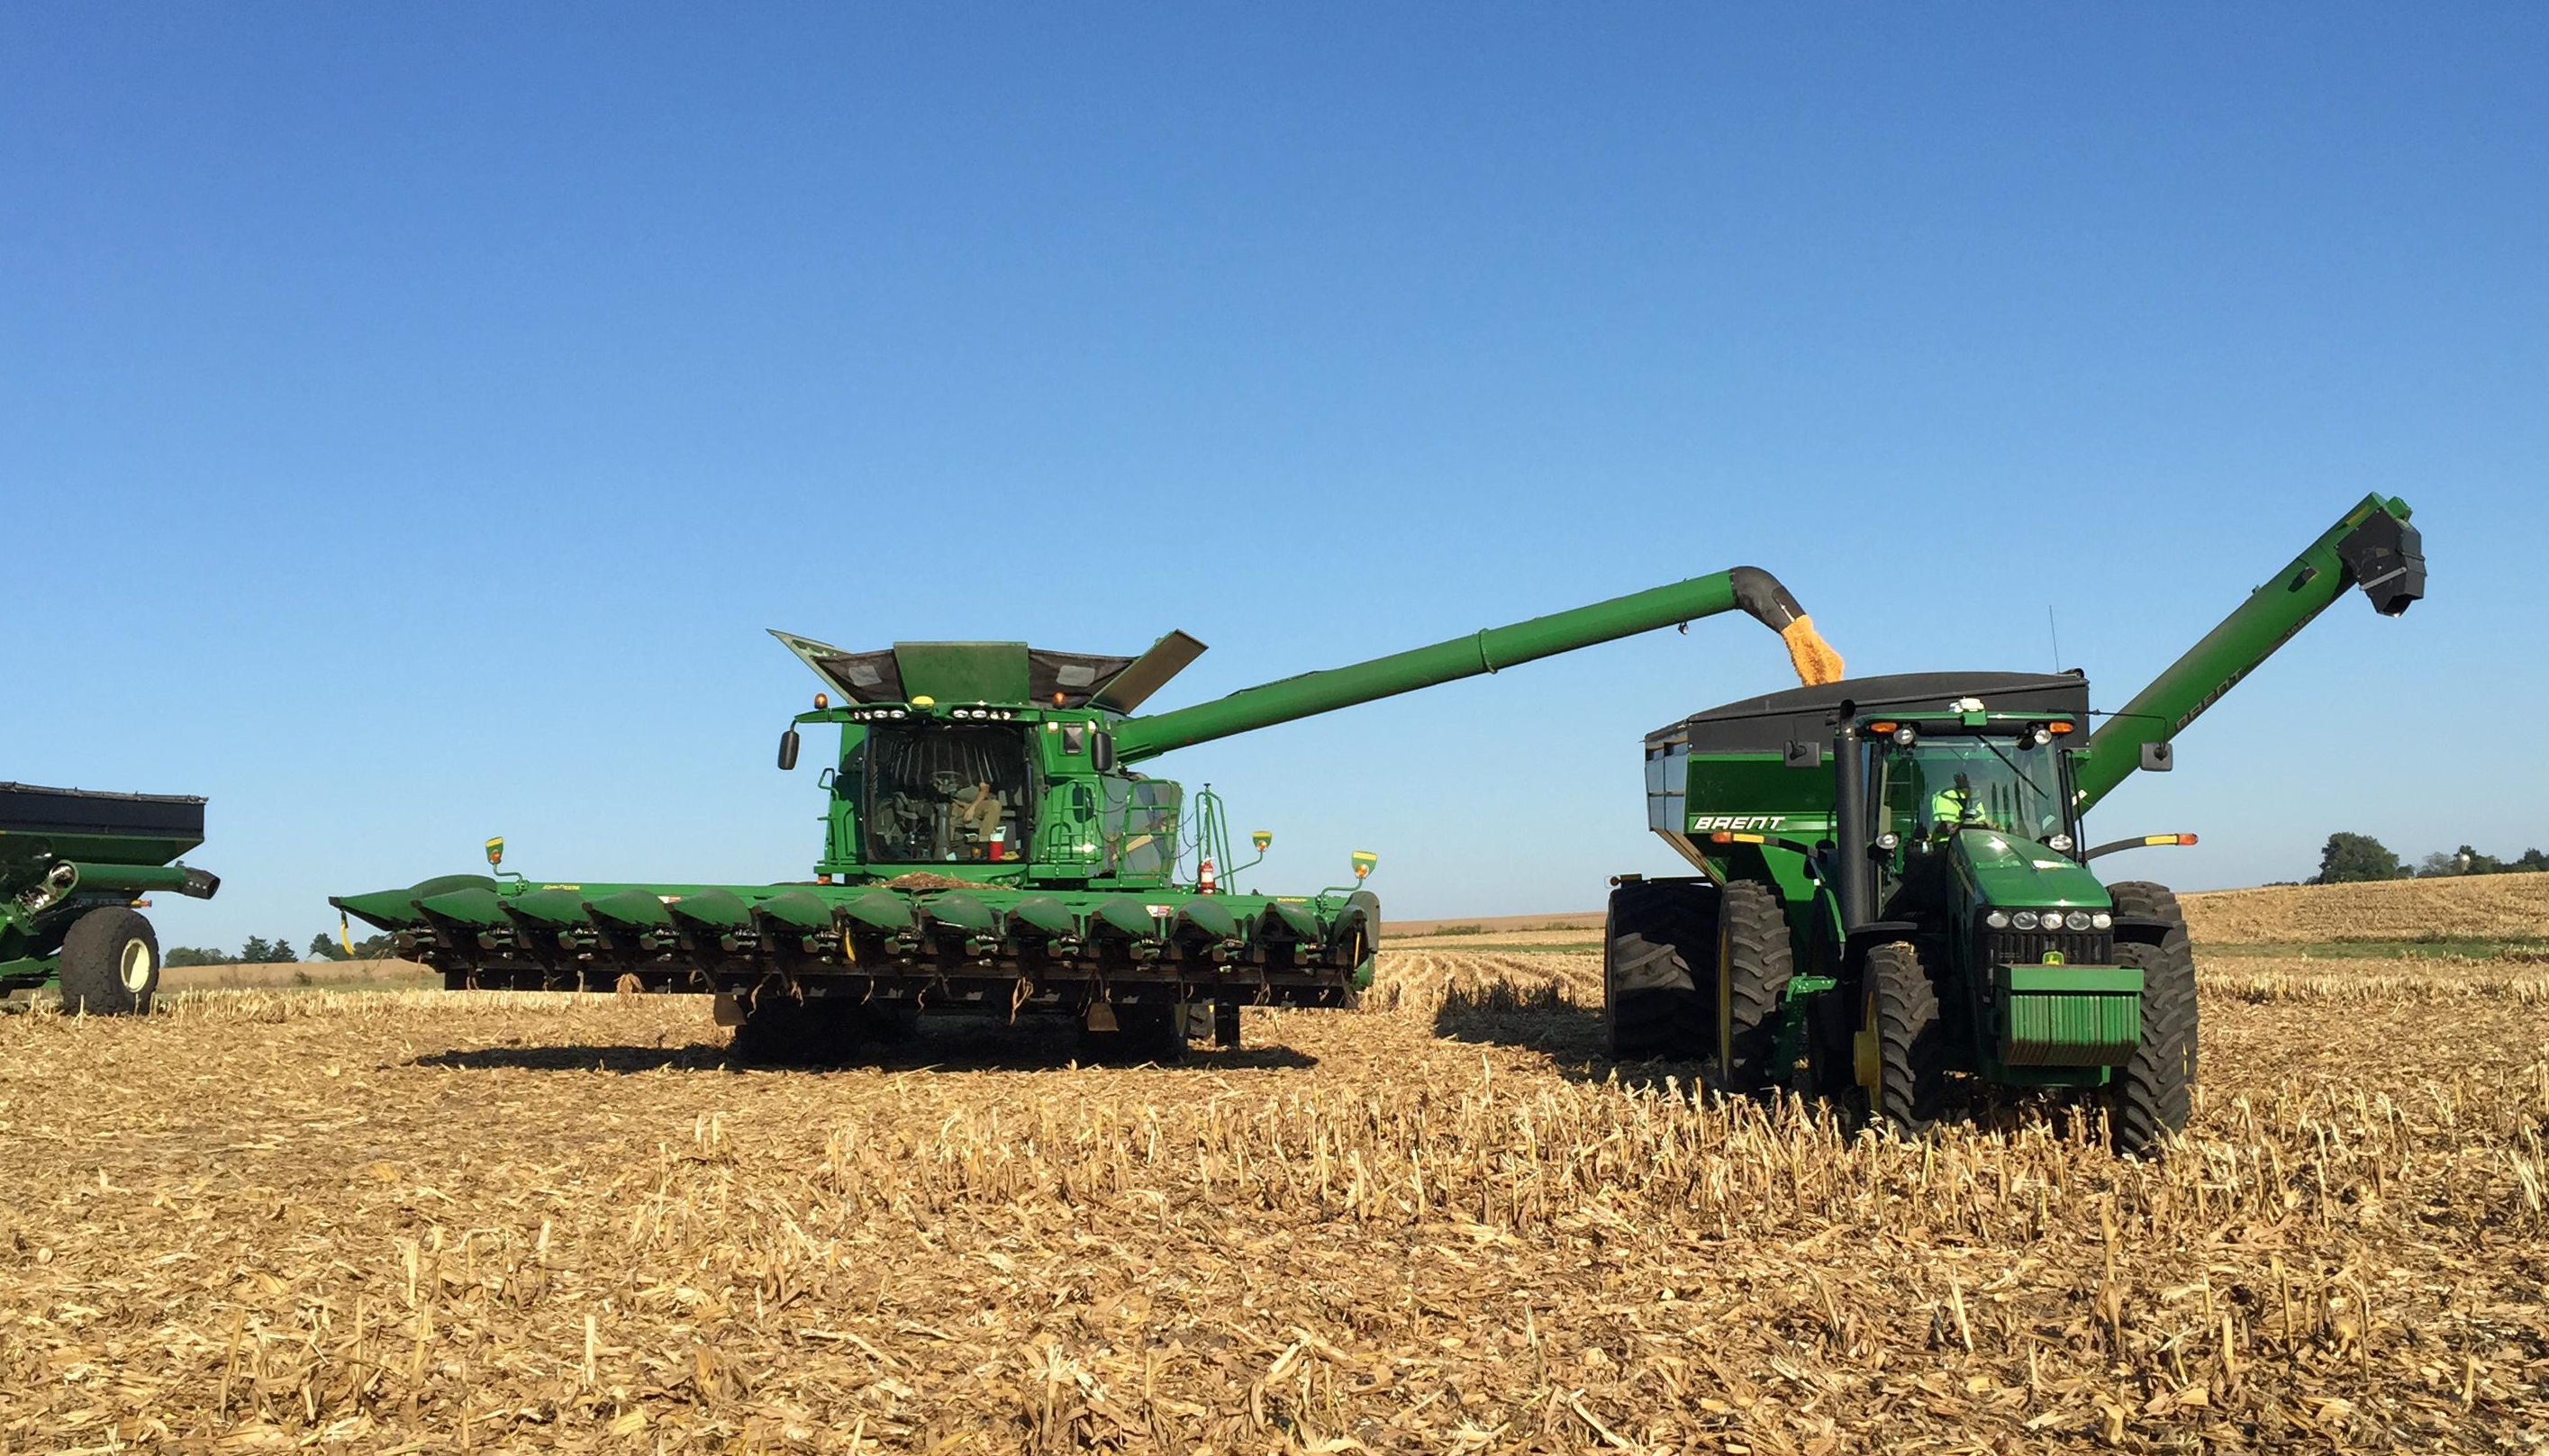 卖不出去就囤货?美国大豆种植者押注贸易局势转好